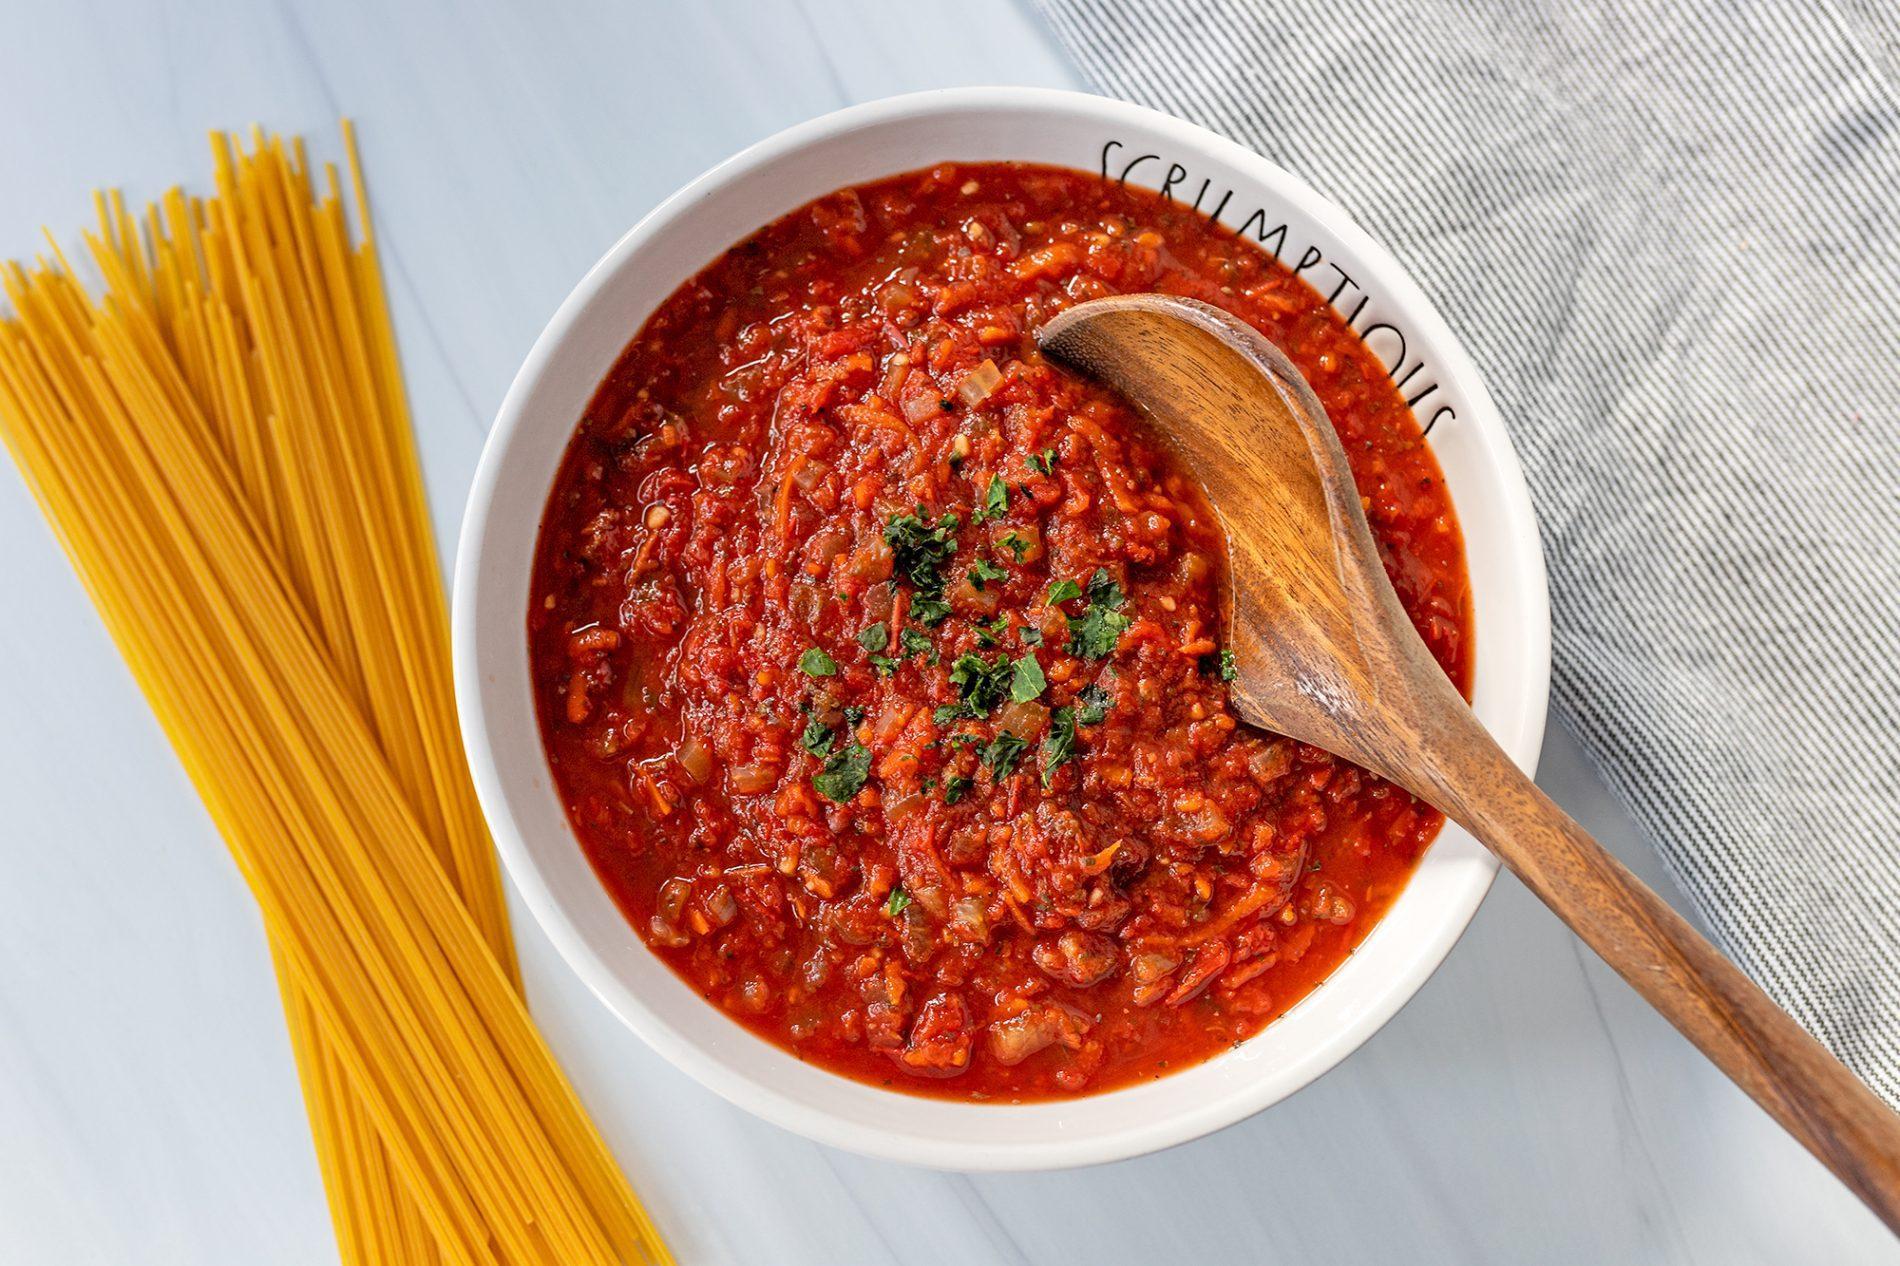 slow cooker pasta sauce next to spaghetti